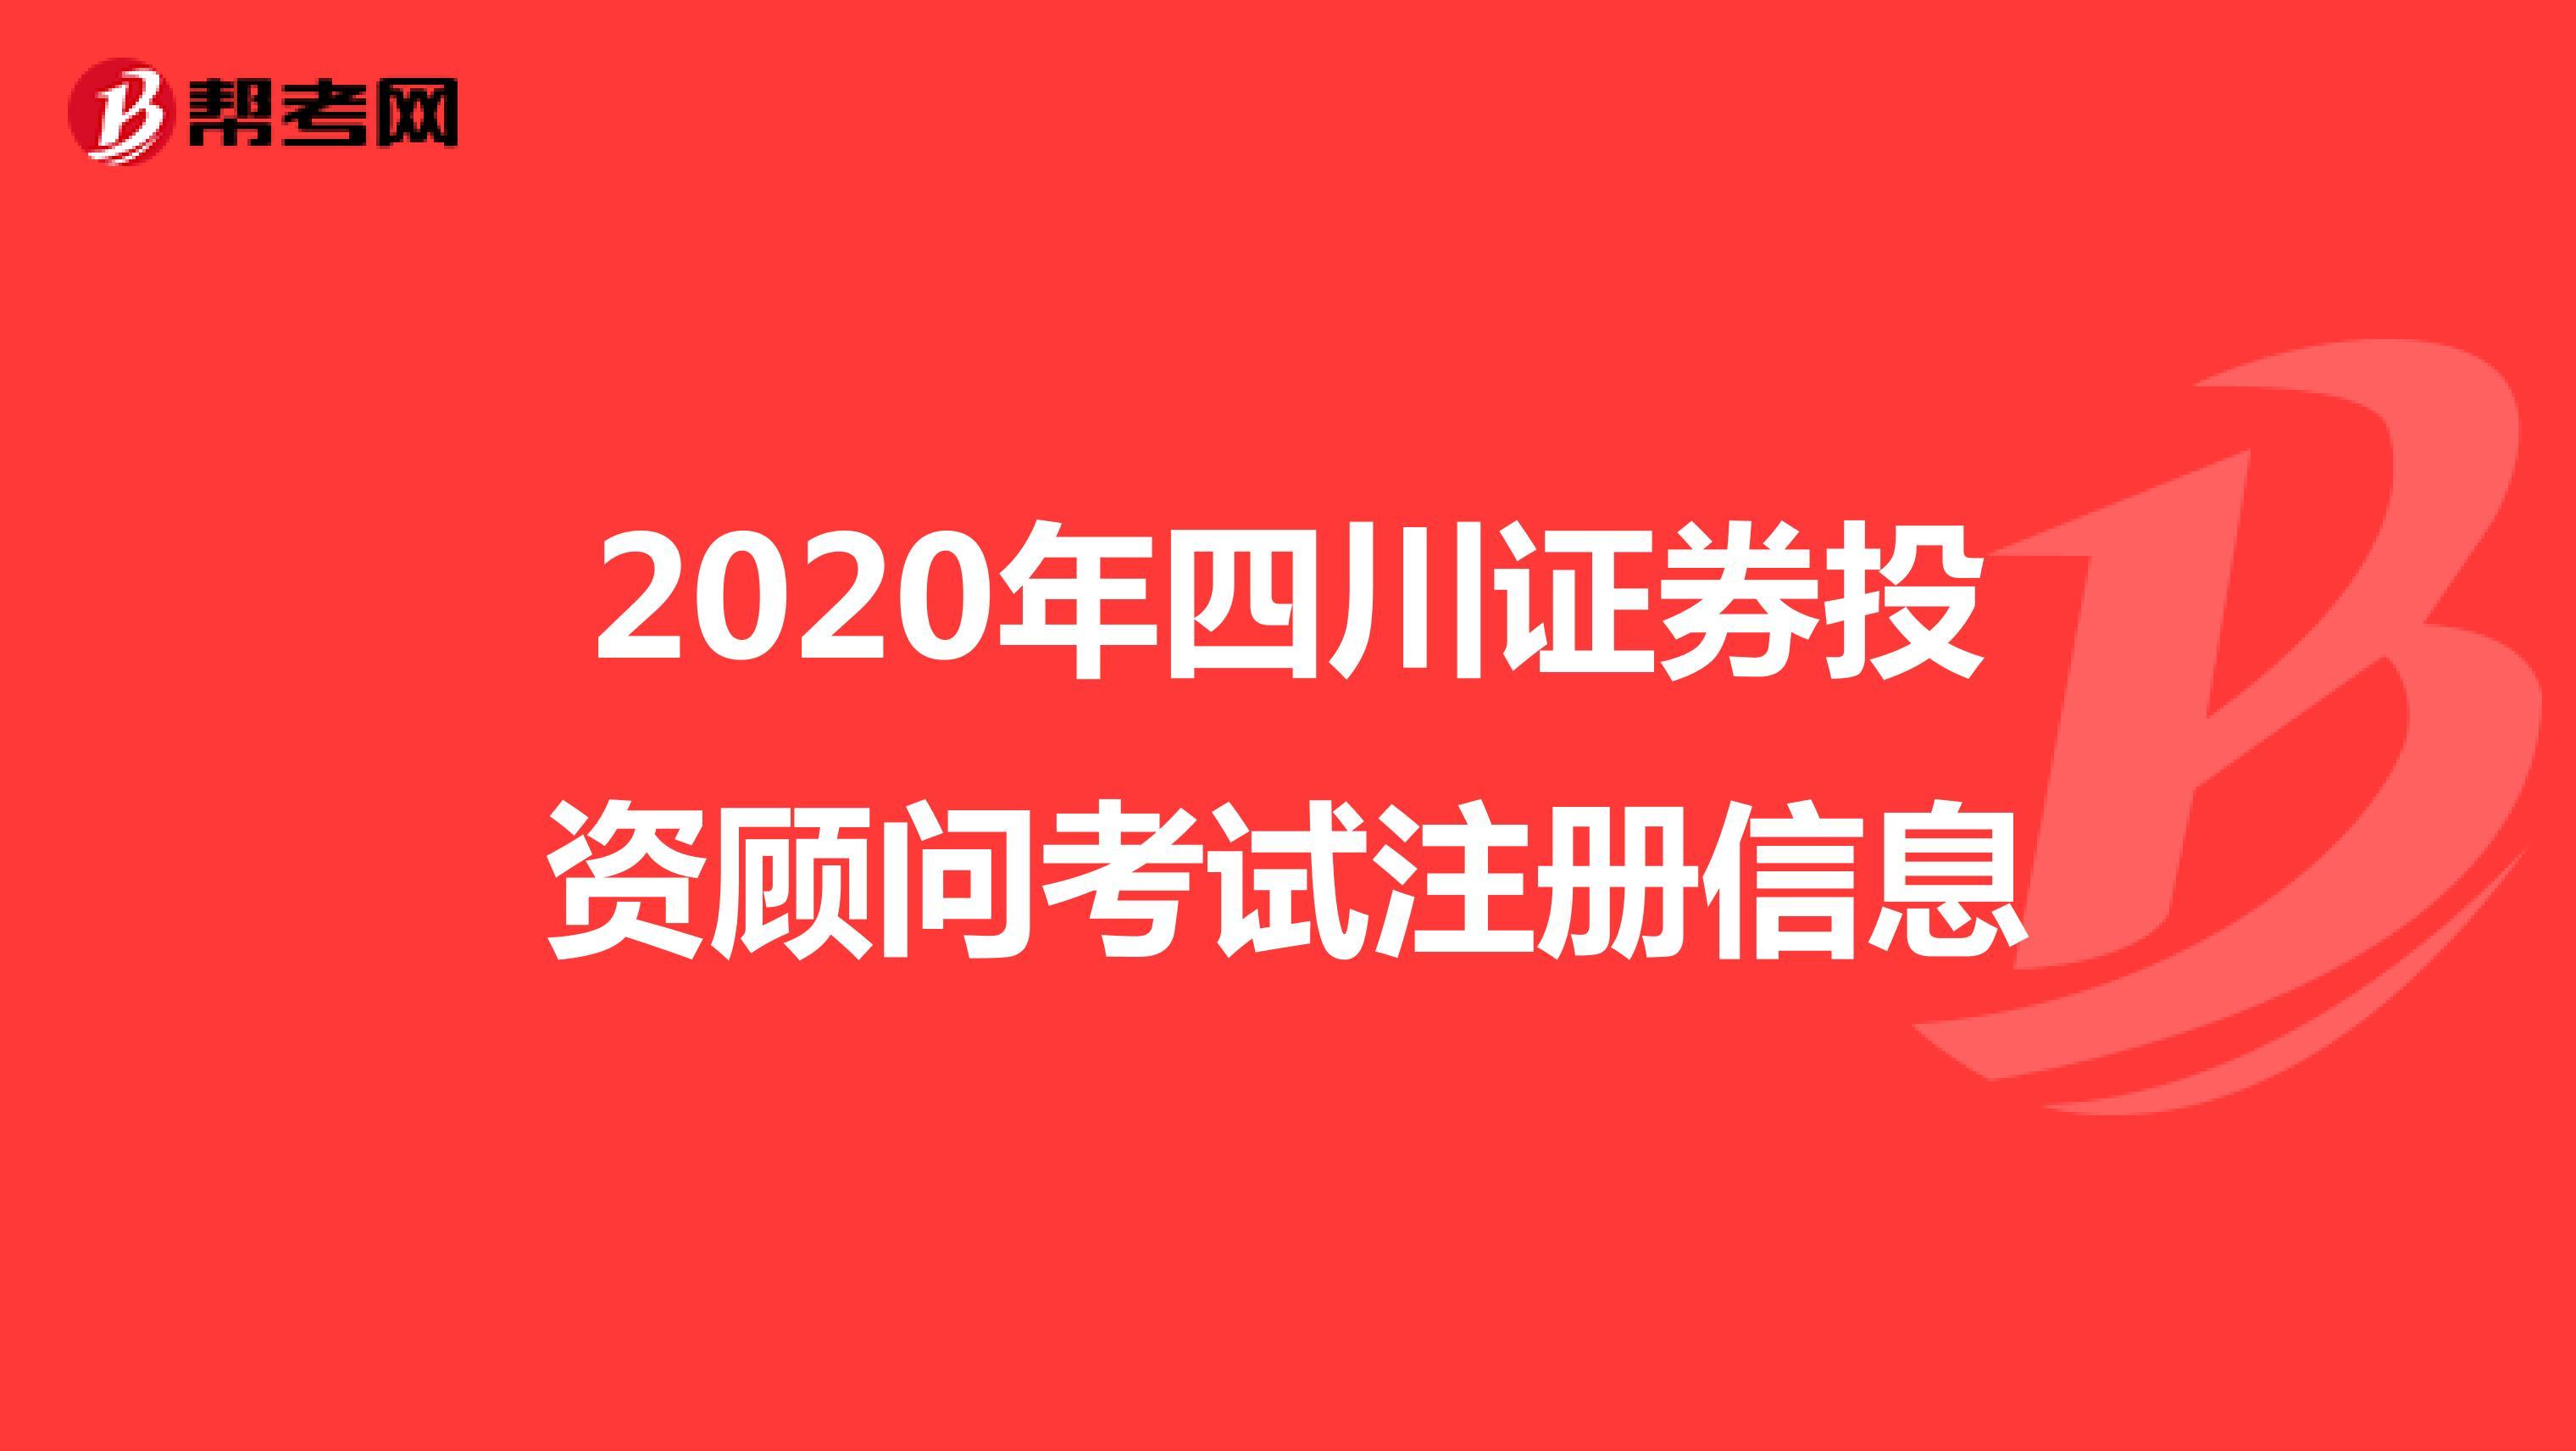 2020年四川证券投资顾问考试注册信息